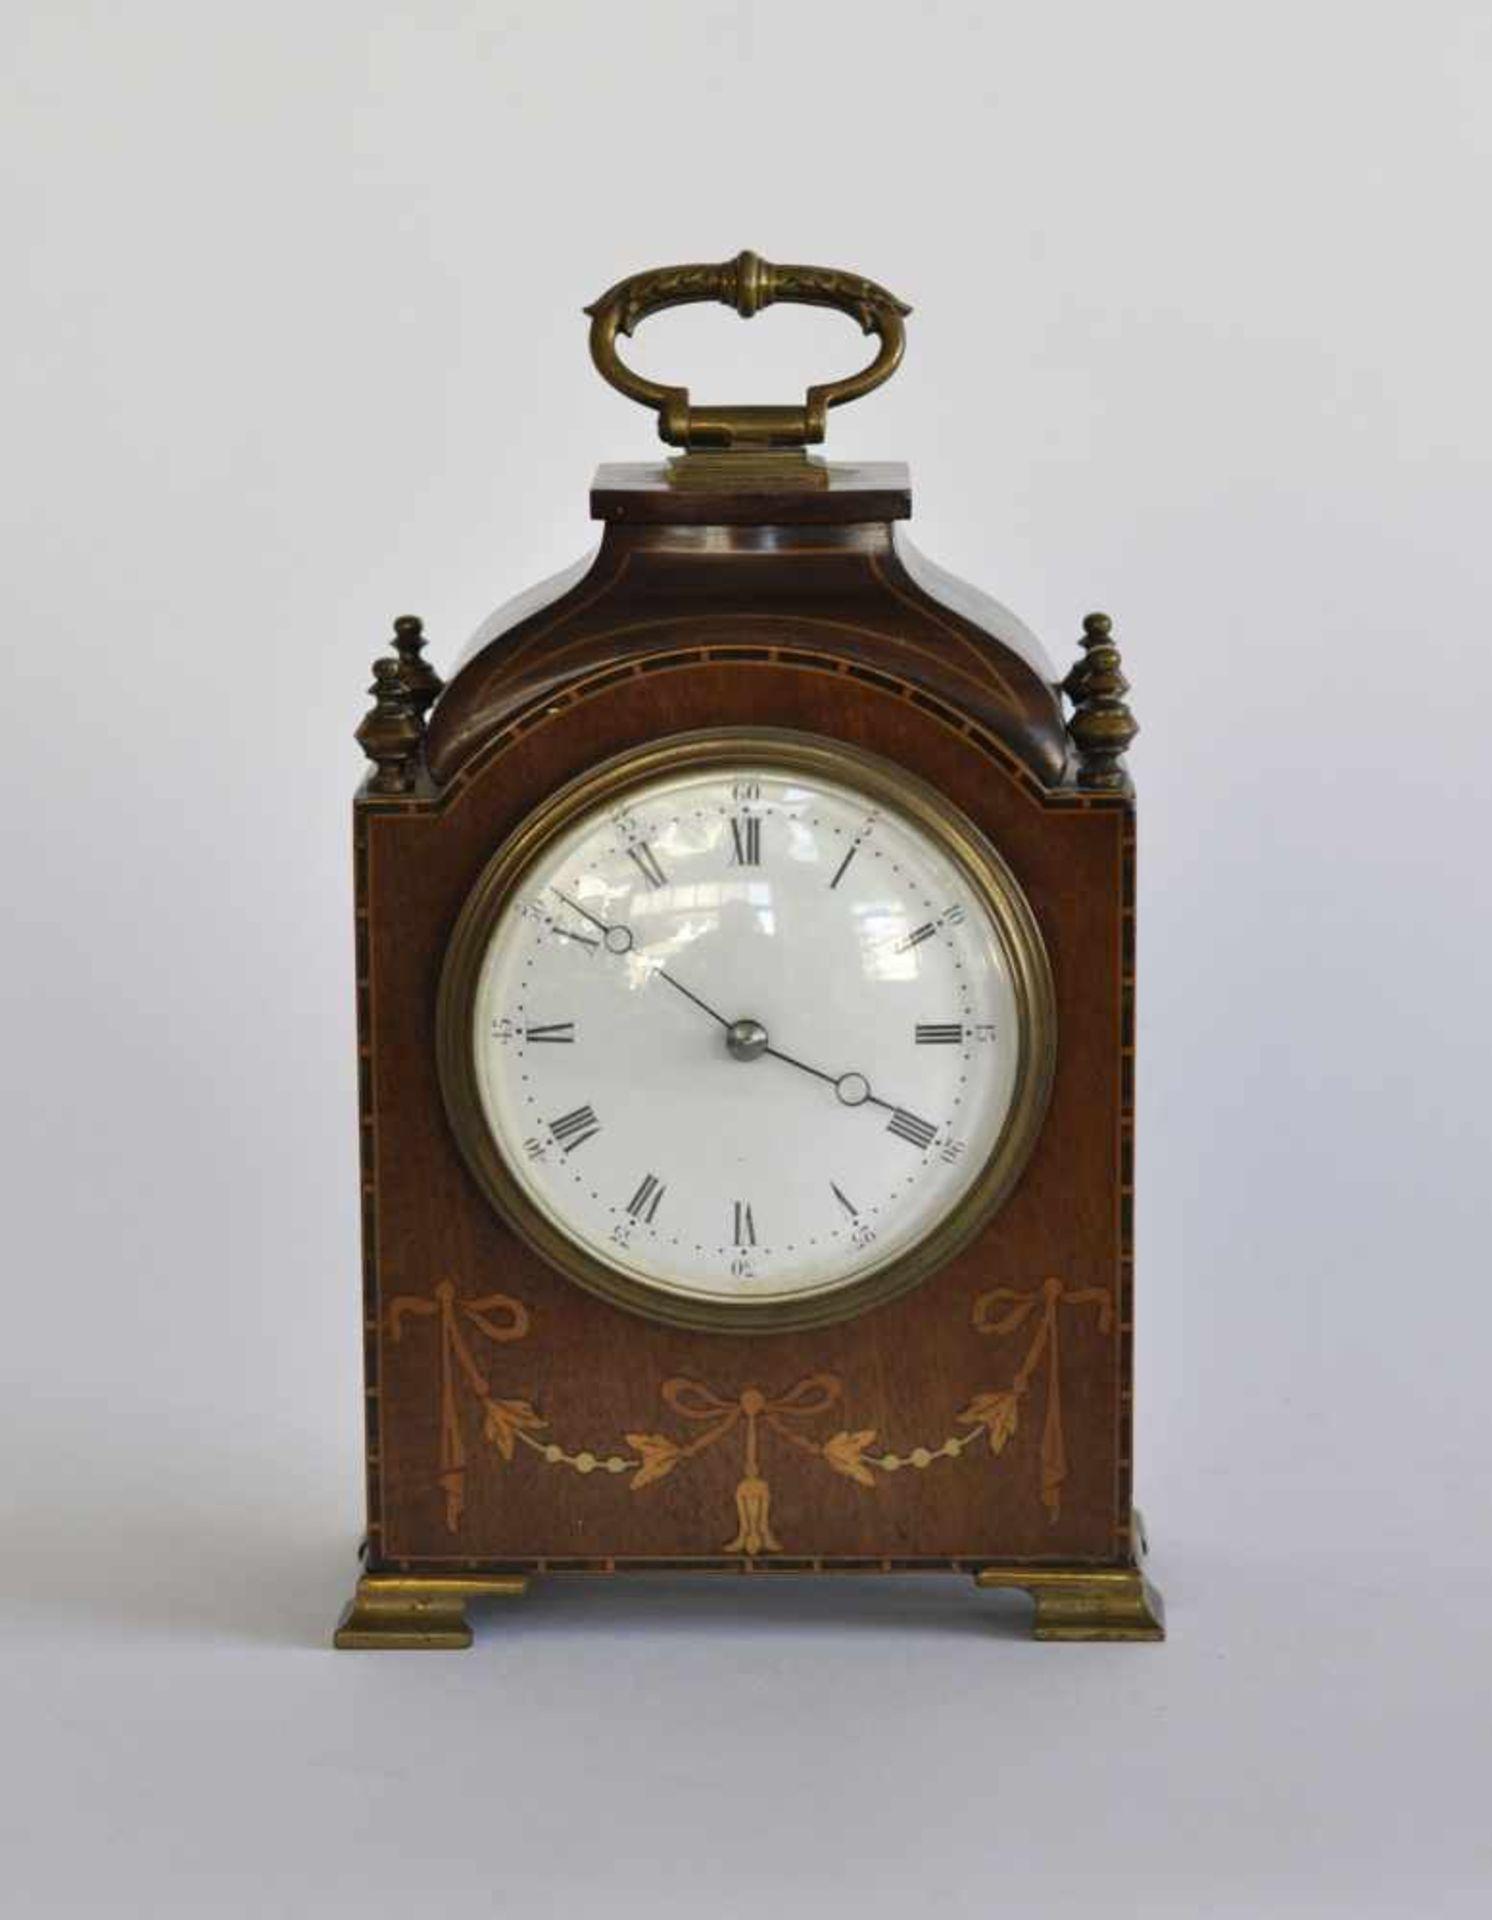 BRACKET CLOCK/ KAMINUHR, Manufaktur B.T.G, 1920er-Jahre, Holzgehäuse, verschiedene Hölzer, in der